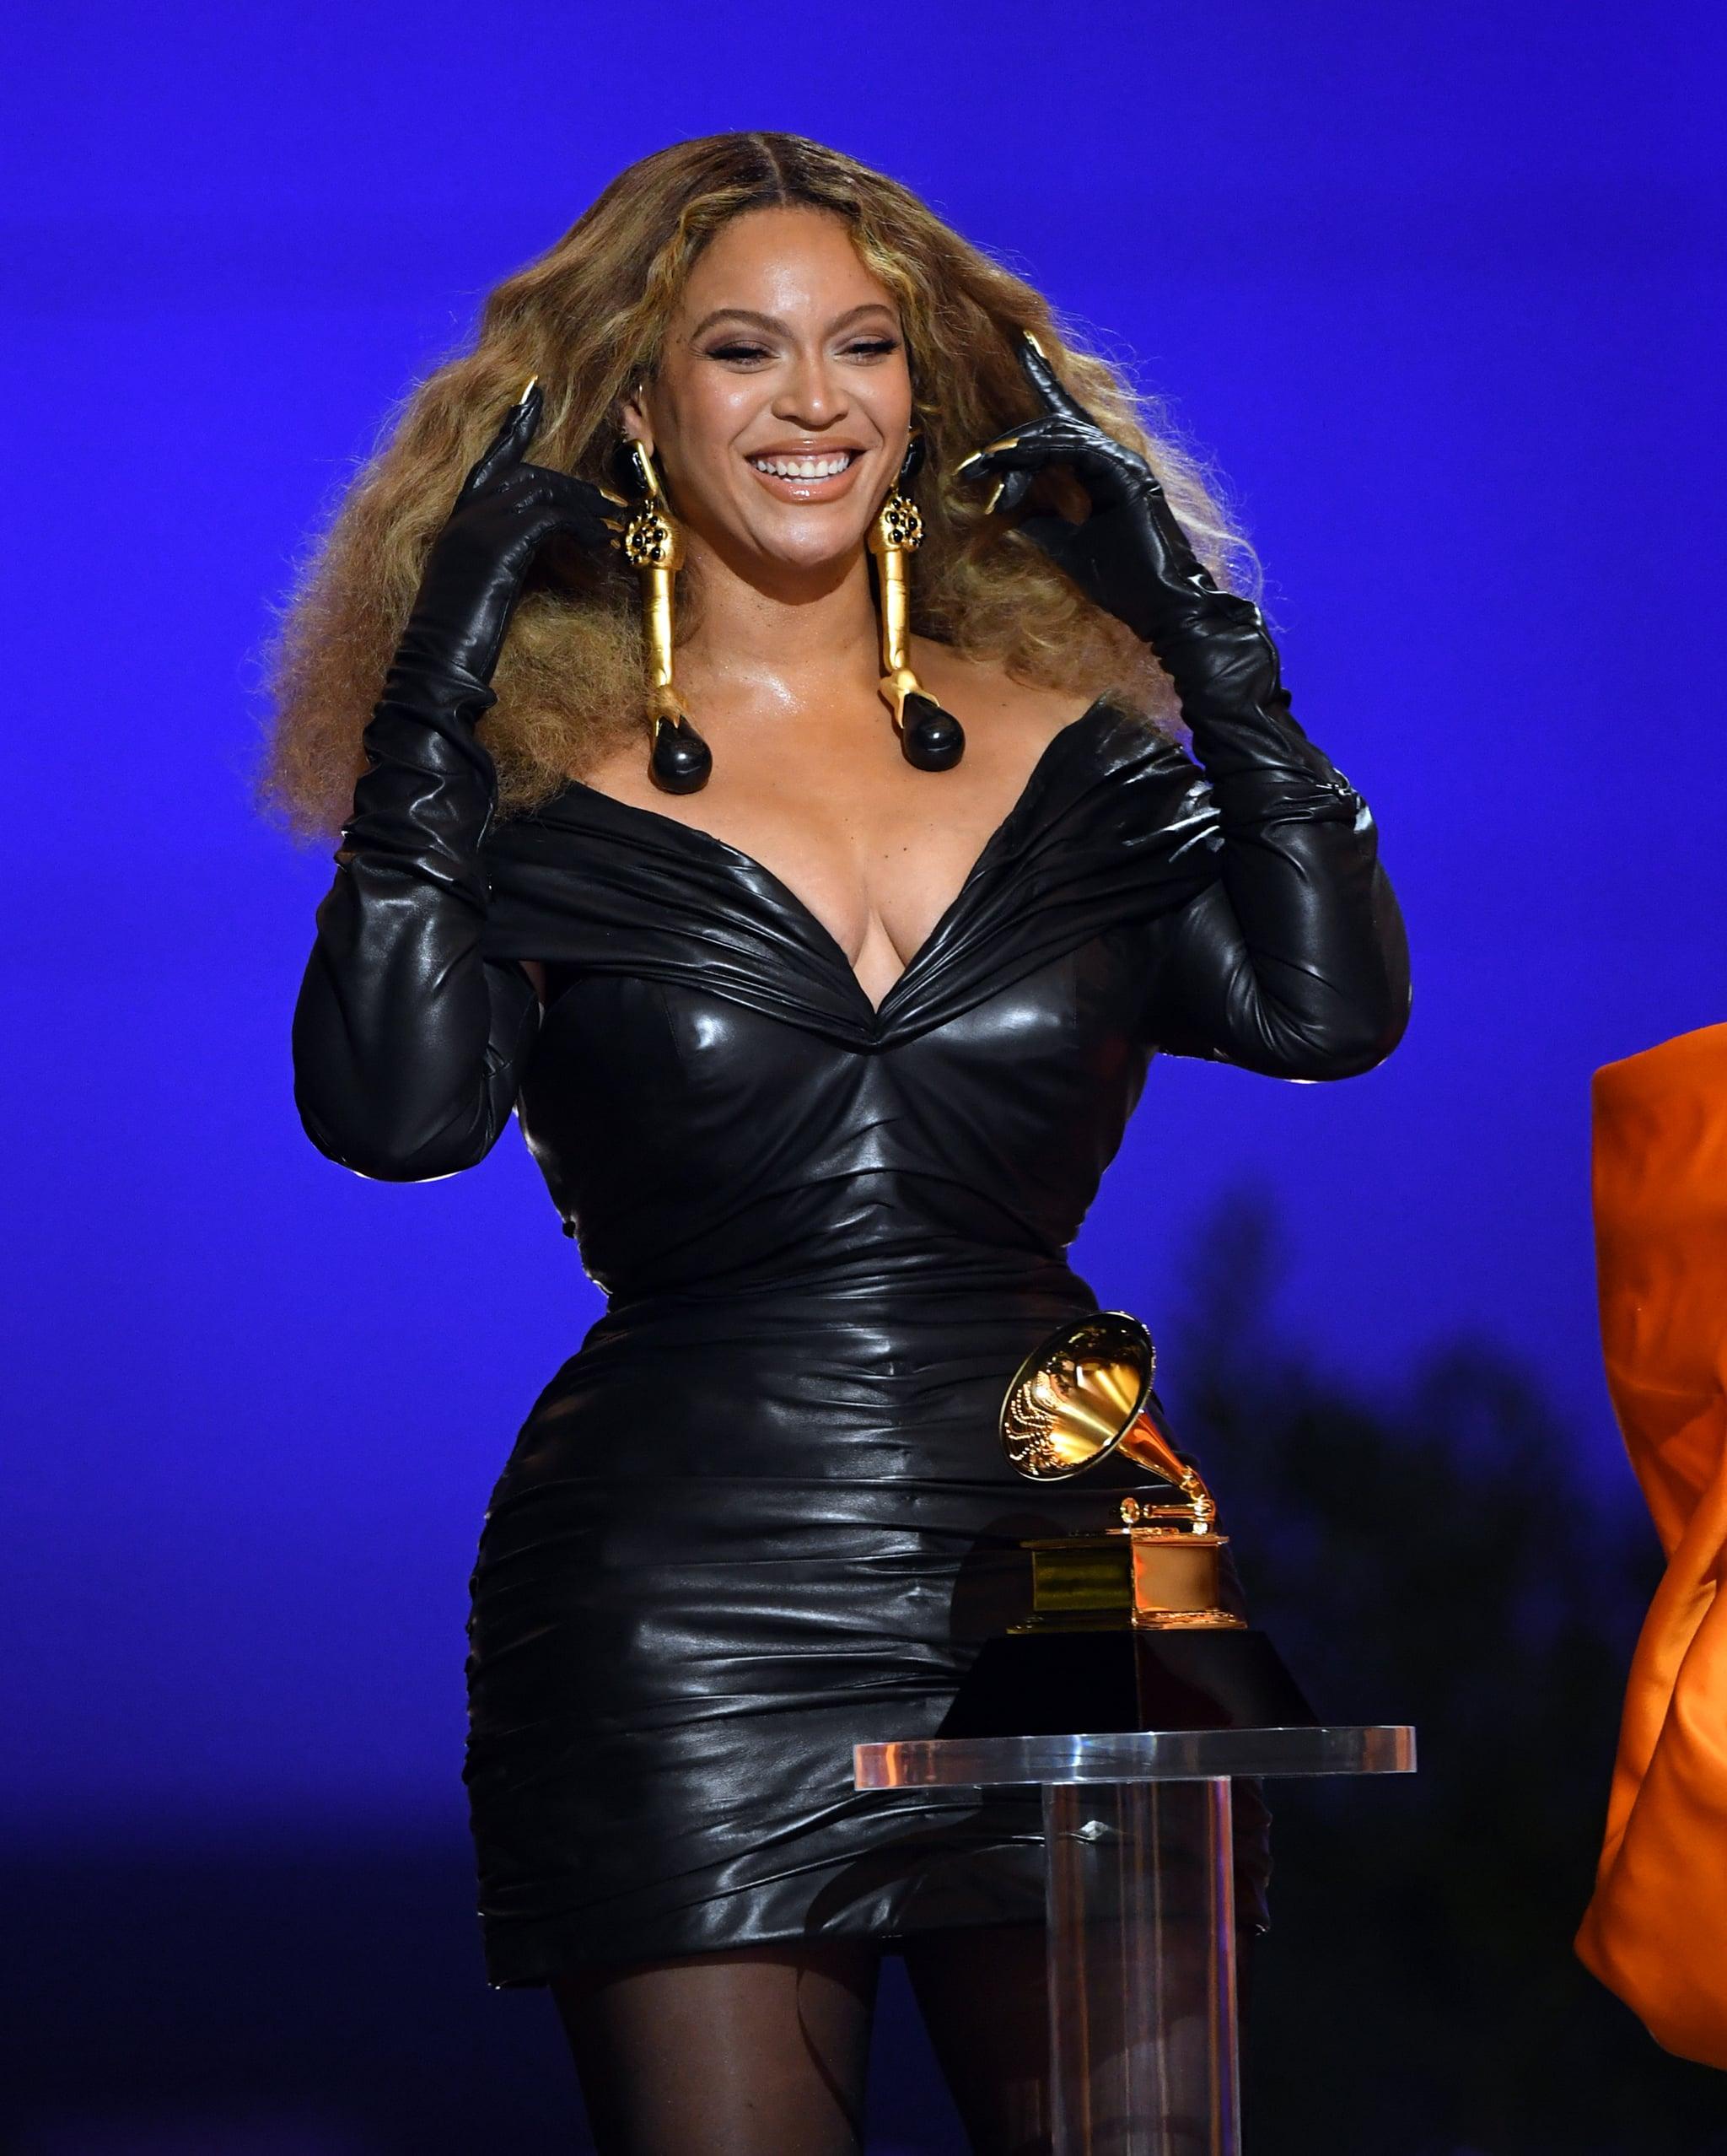 Beyoncé's Schiaparelli Leather Dress at the 2021 Grammys   POPSUGAR Fashion